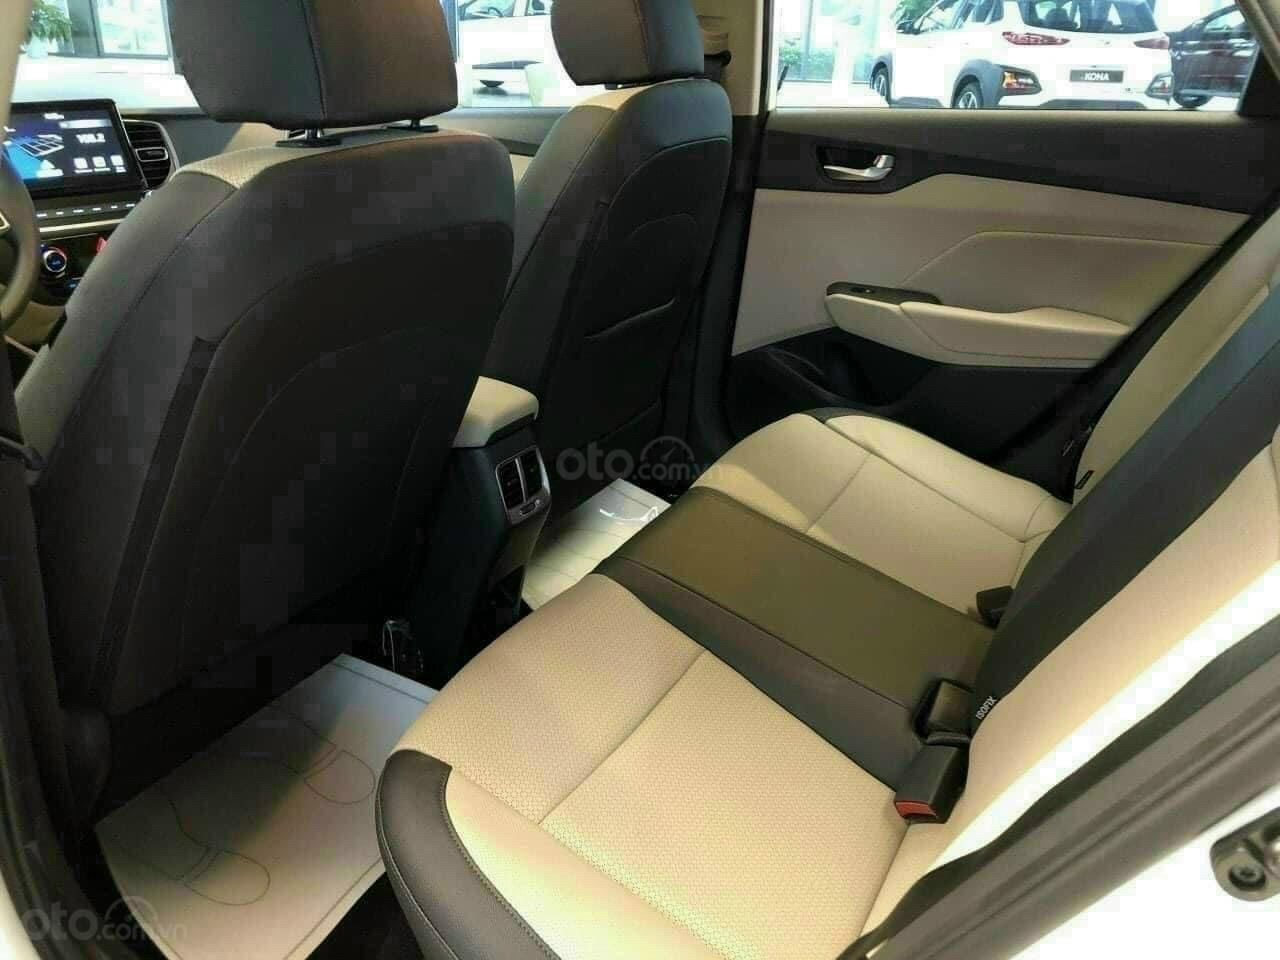 Hyundai Accent nhận xe ngay chỉ với 150tr đồng (9)